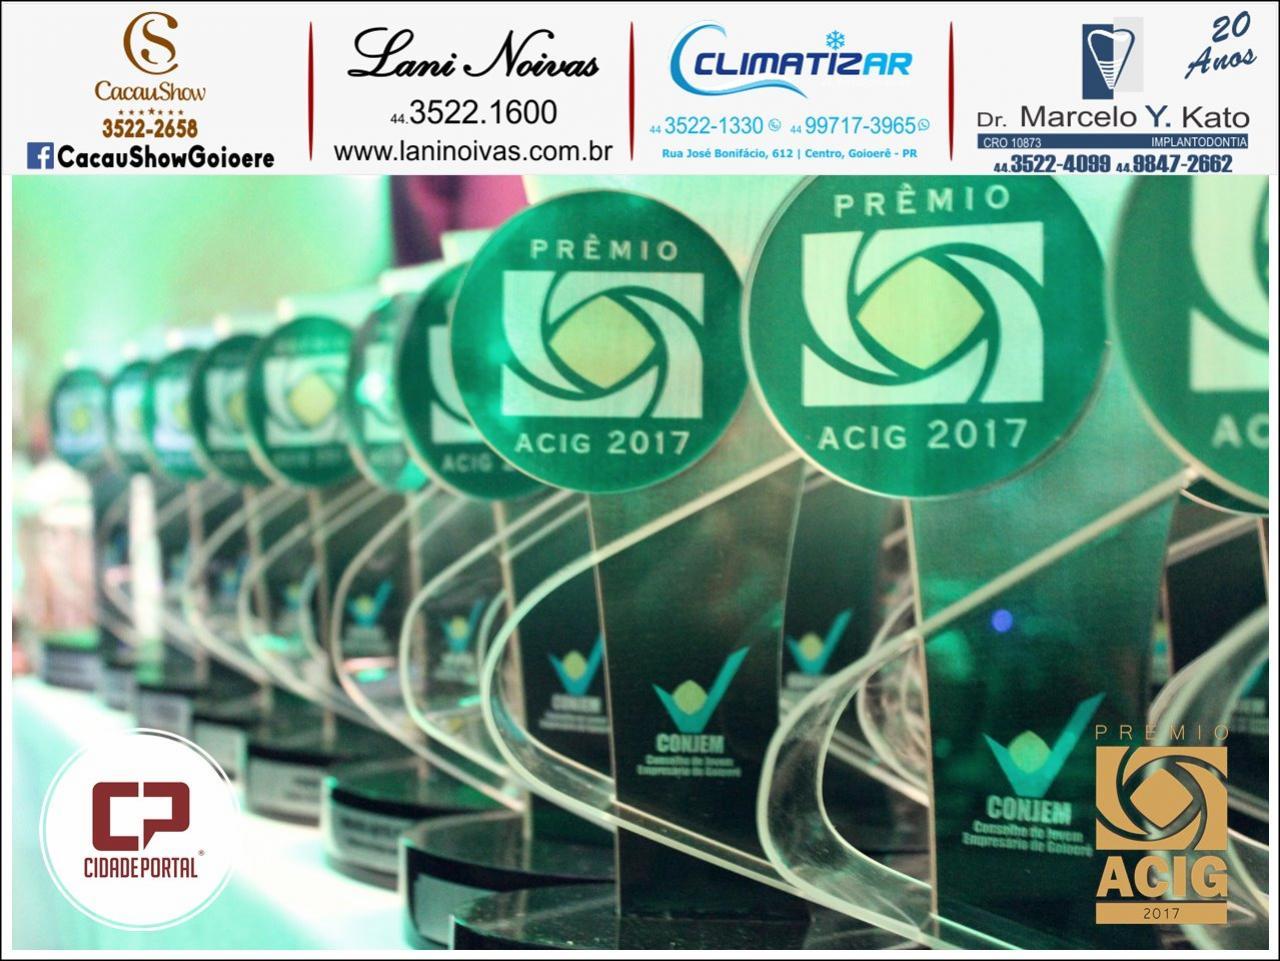 Prêmio Acig - Melhores do Ano de 2017